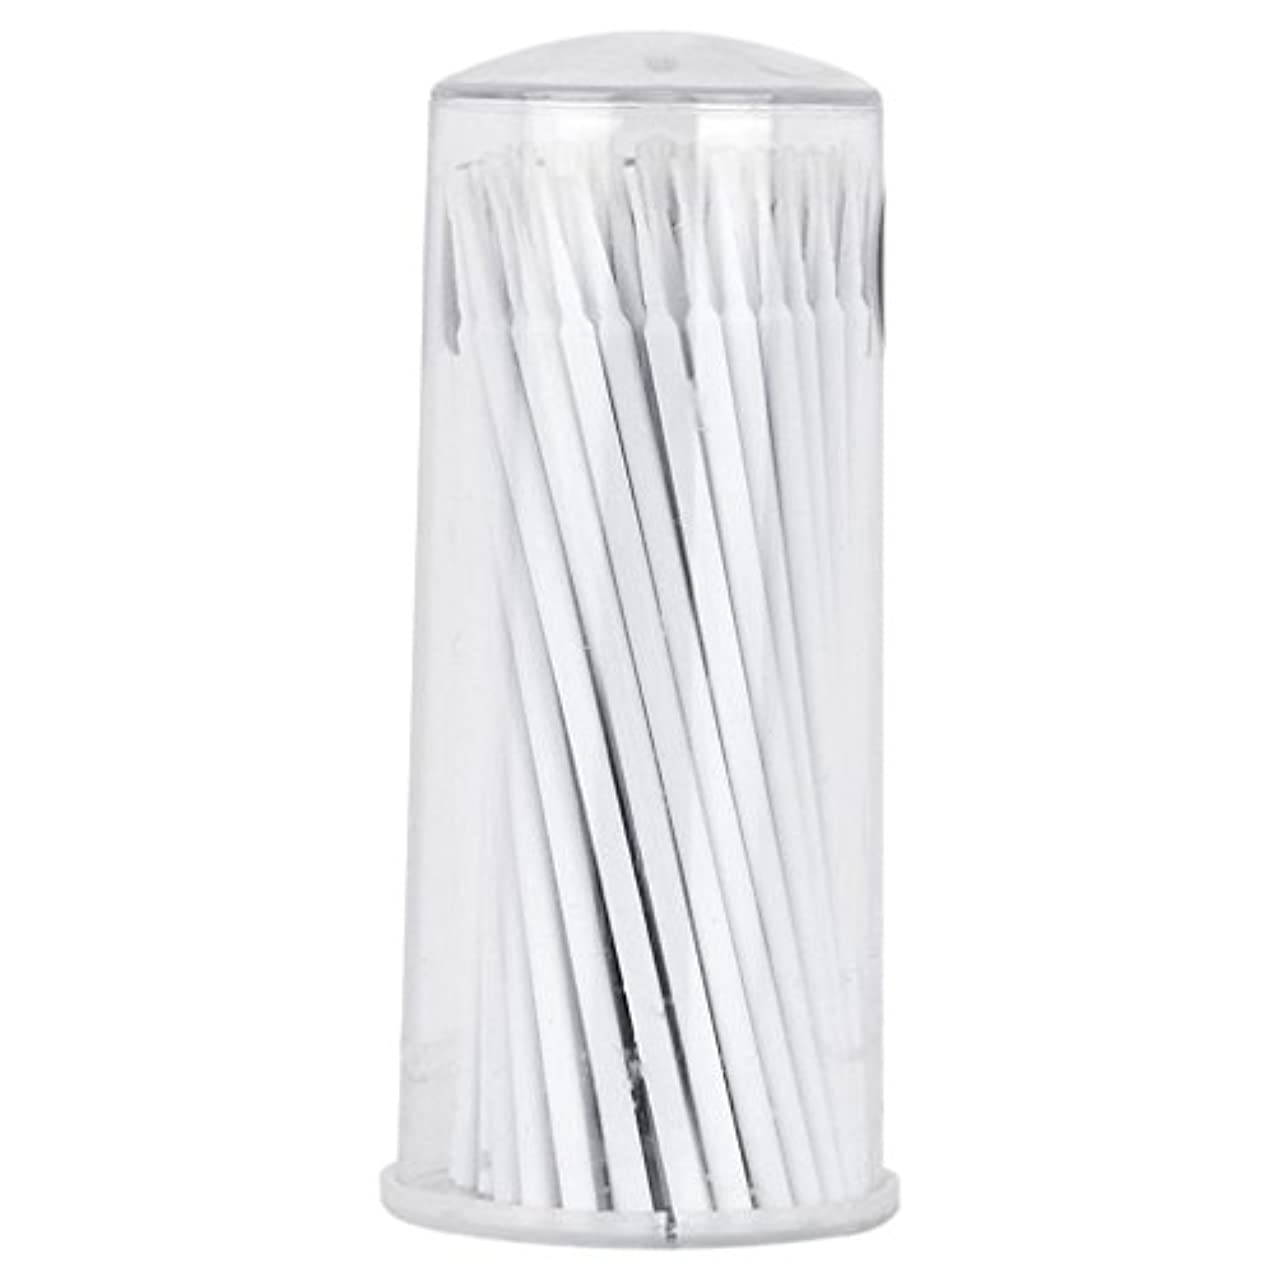 昼寝牽引誰がNon-brand 100個のまつげの拡張マイクロブラシの綿棒タトゥーマイクロブレーディング使い捨てアプリケータ - 白